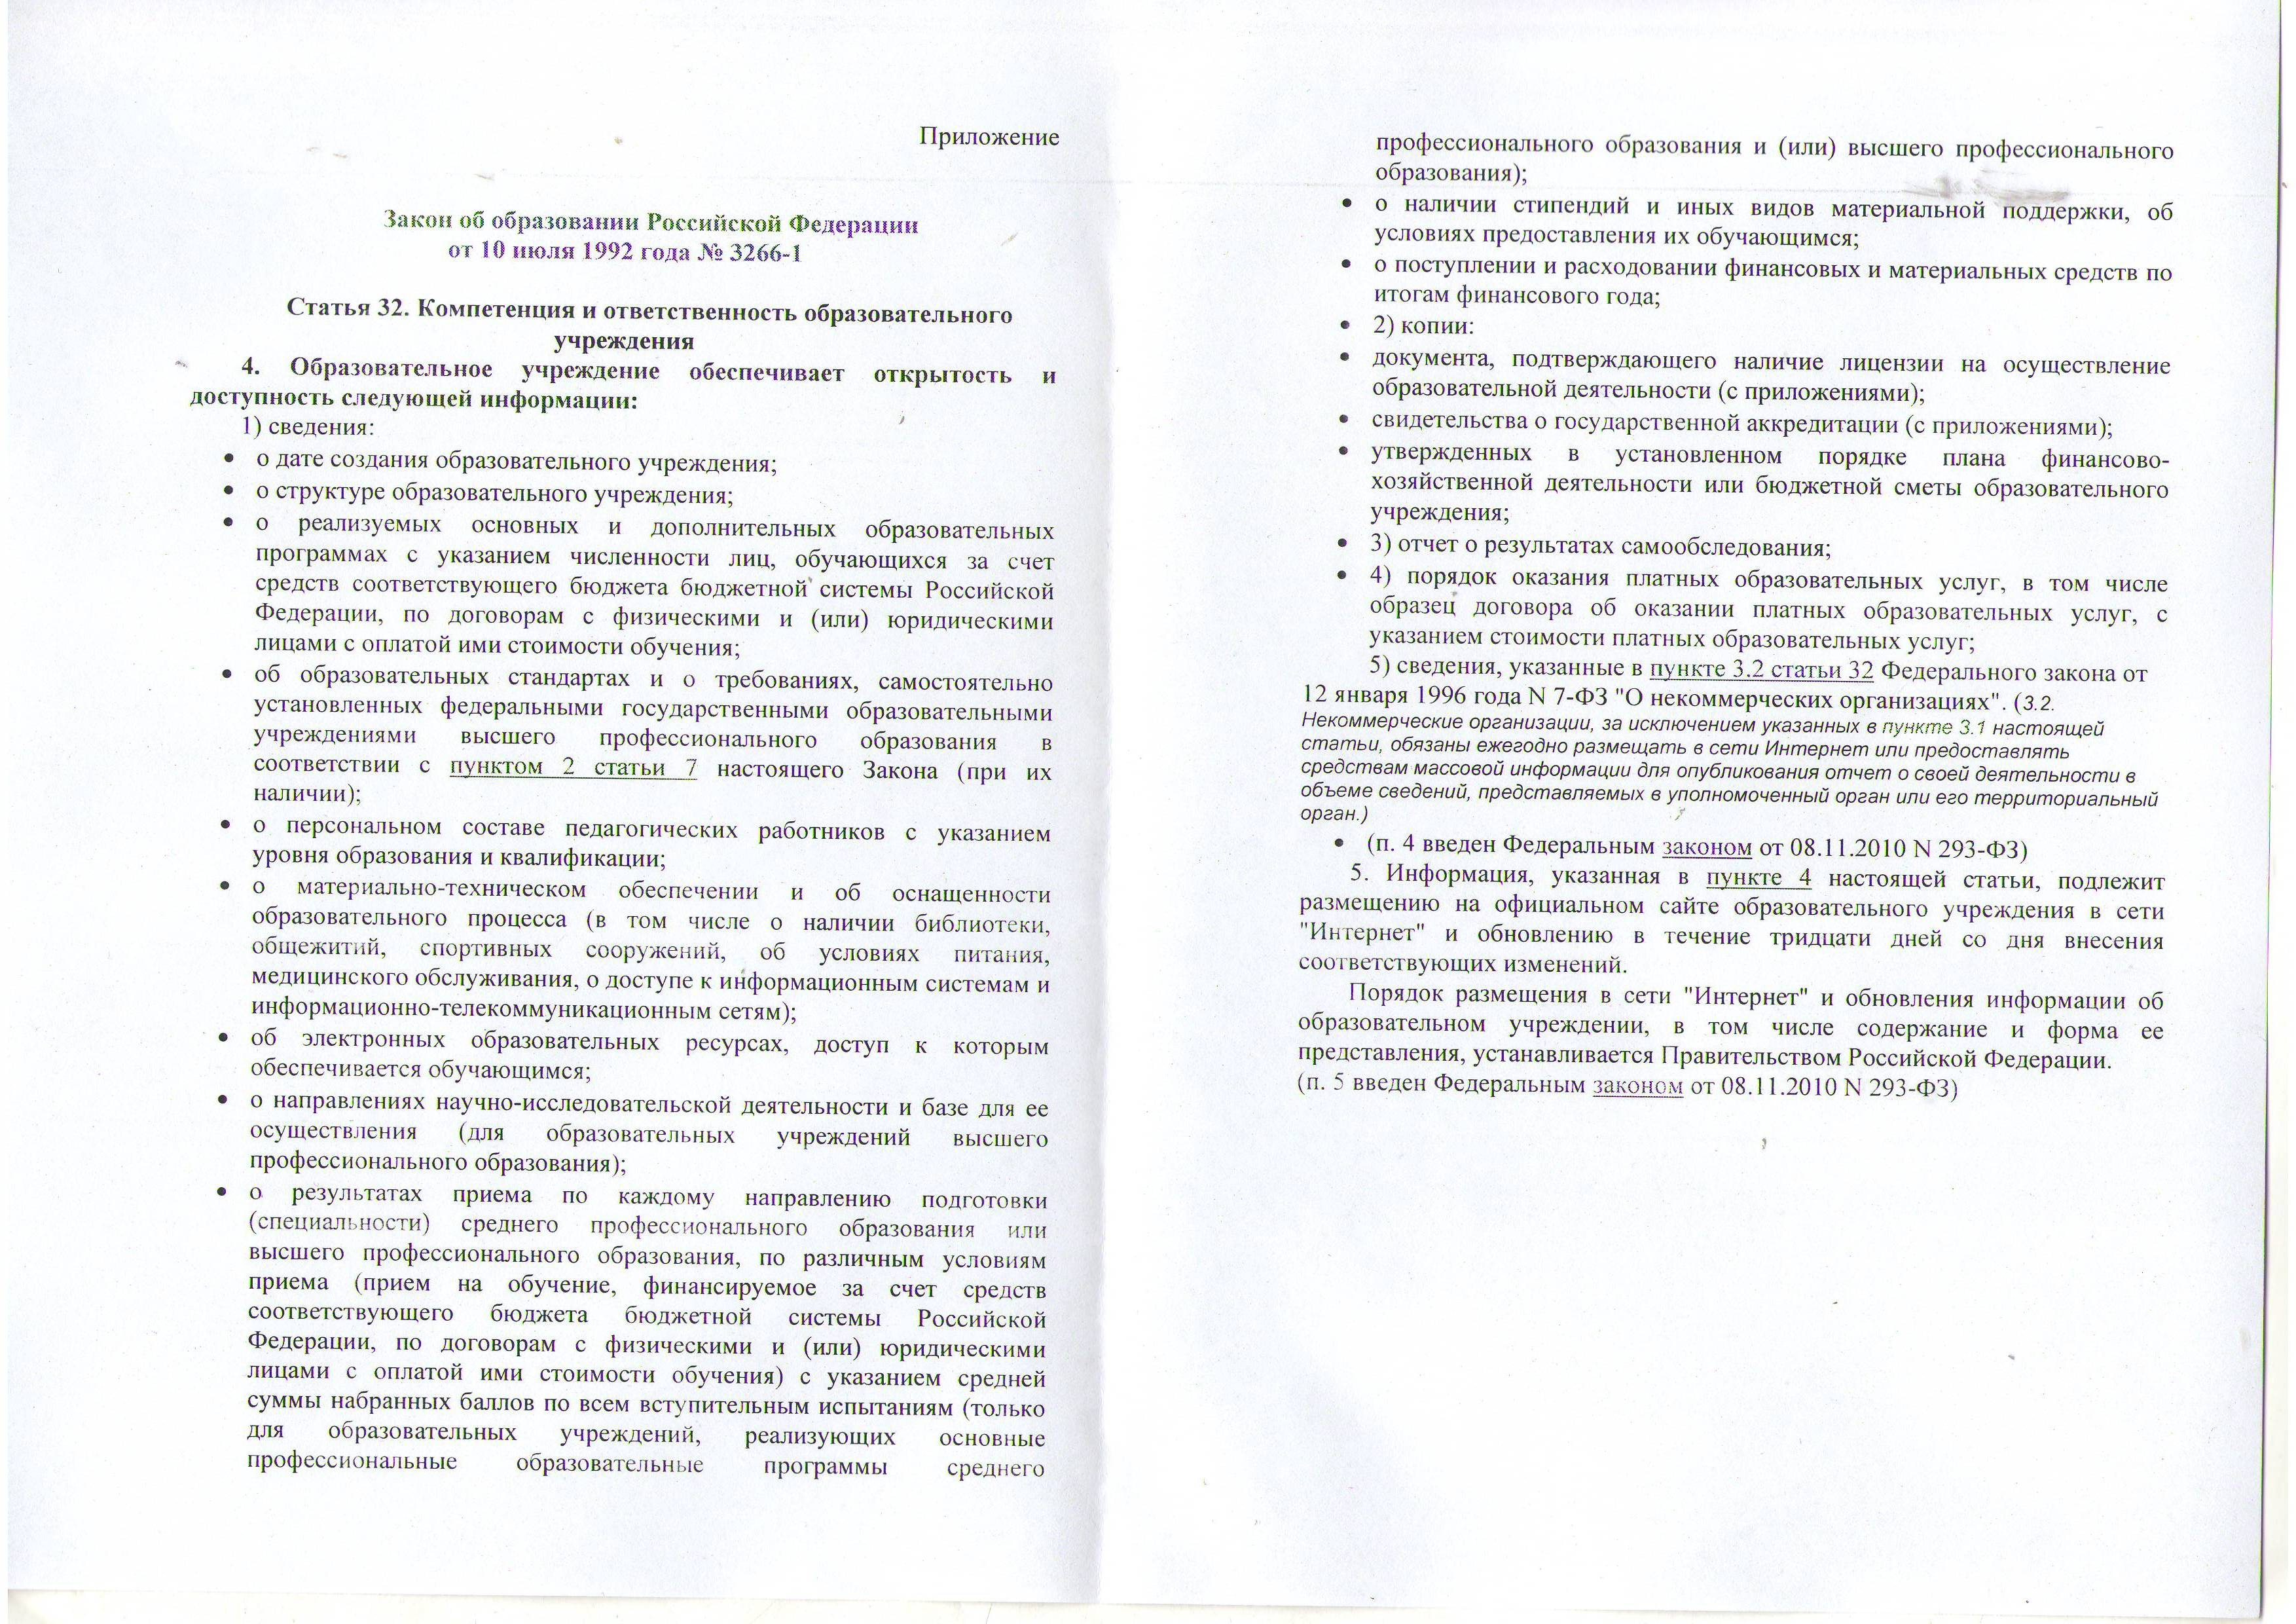 образец доклада о состоянии гражданской обороны с приложениями 1 7 форма 2